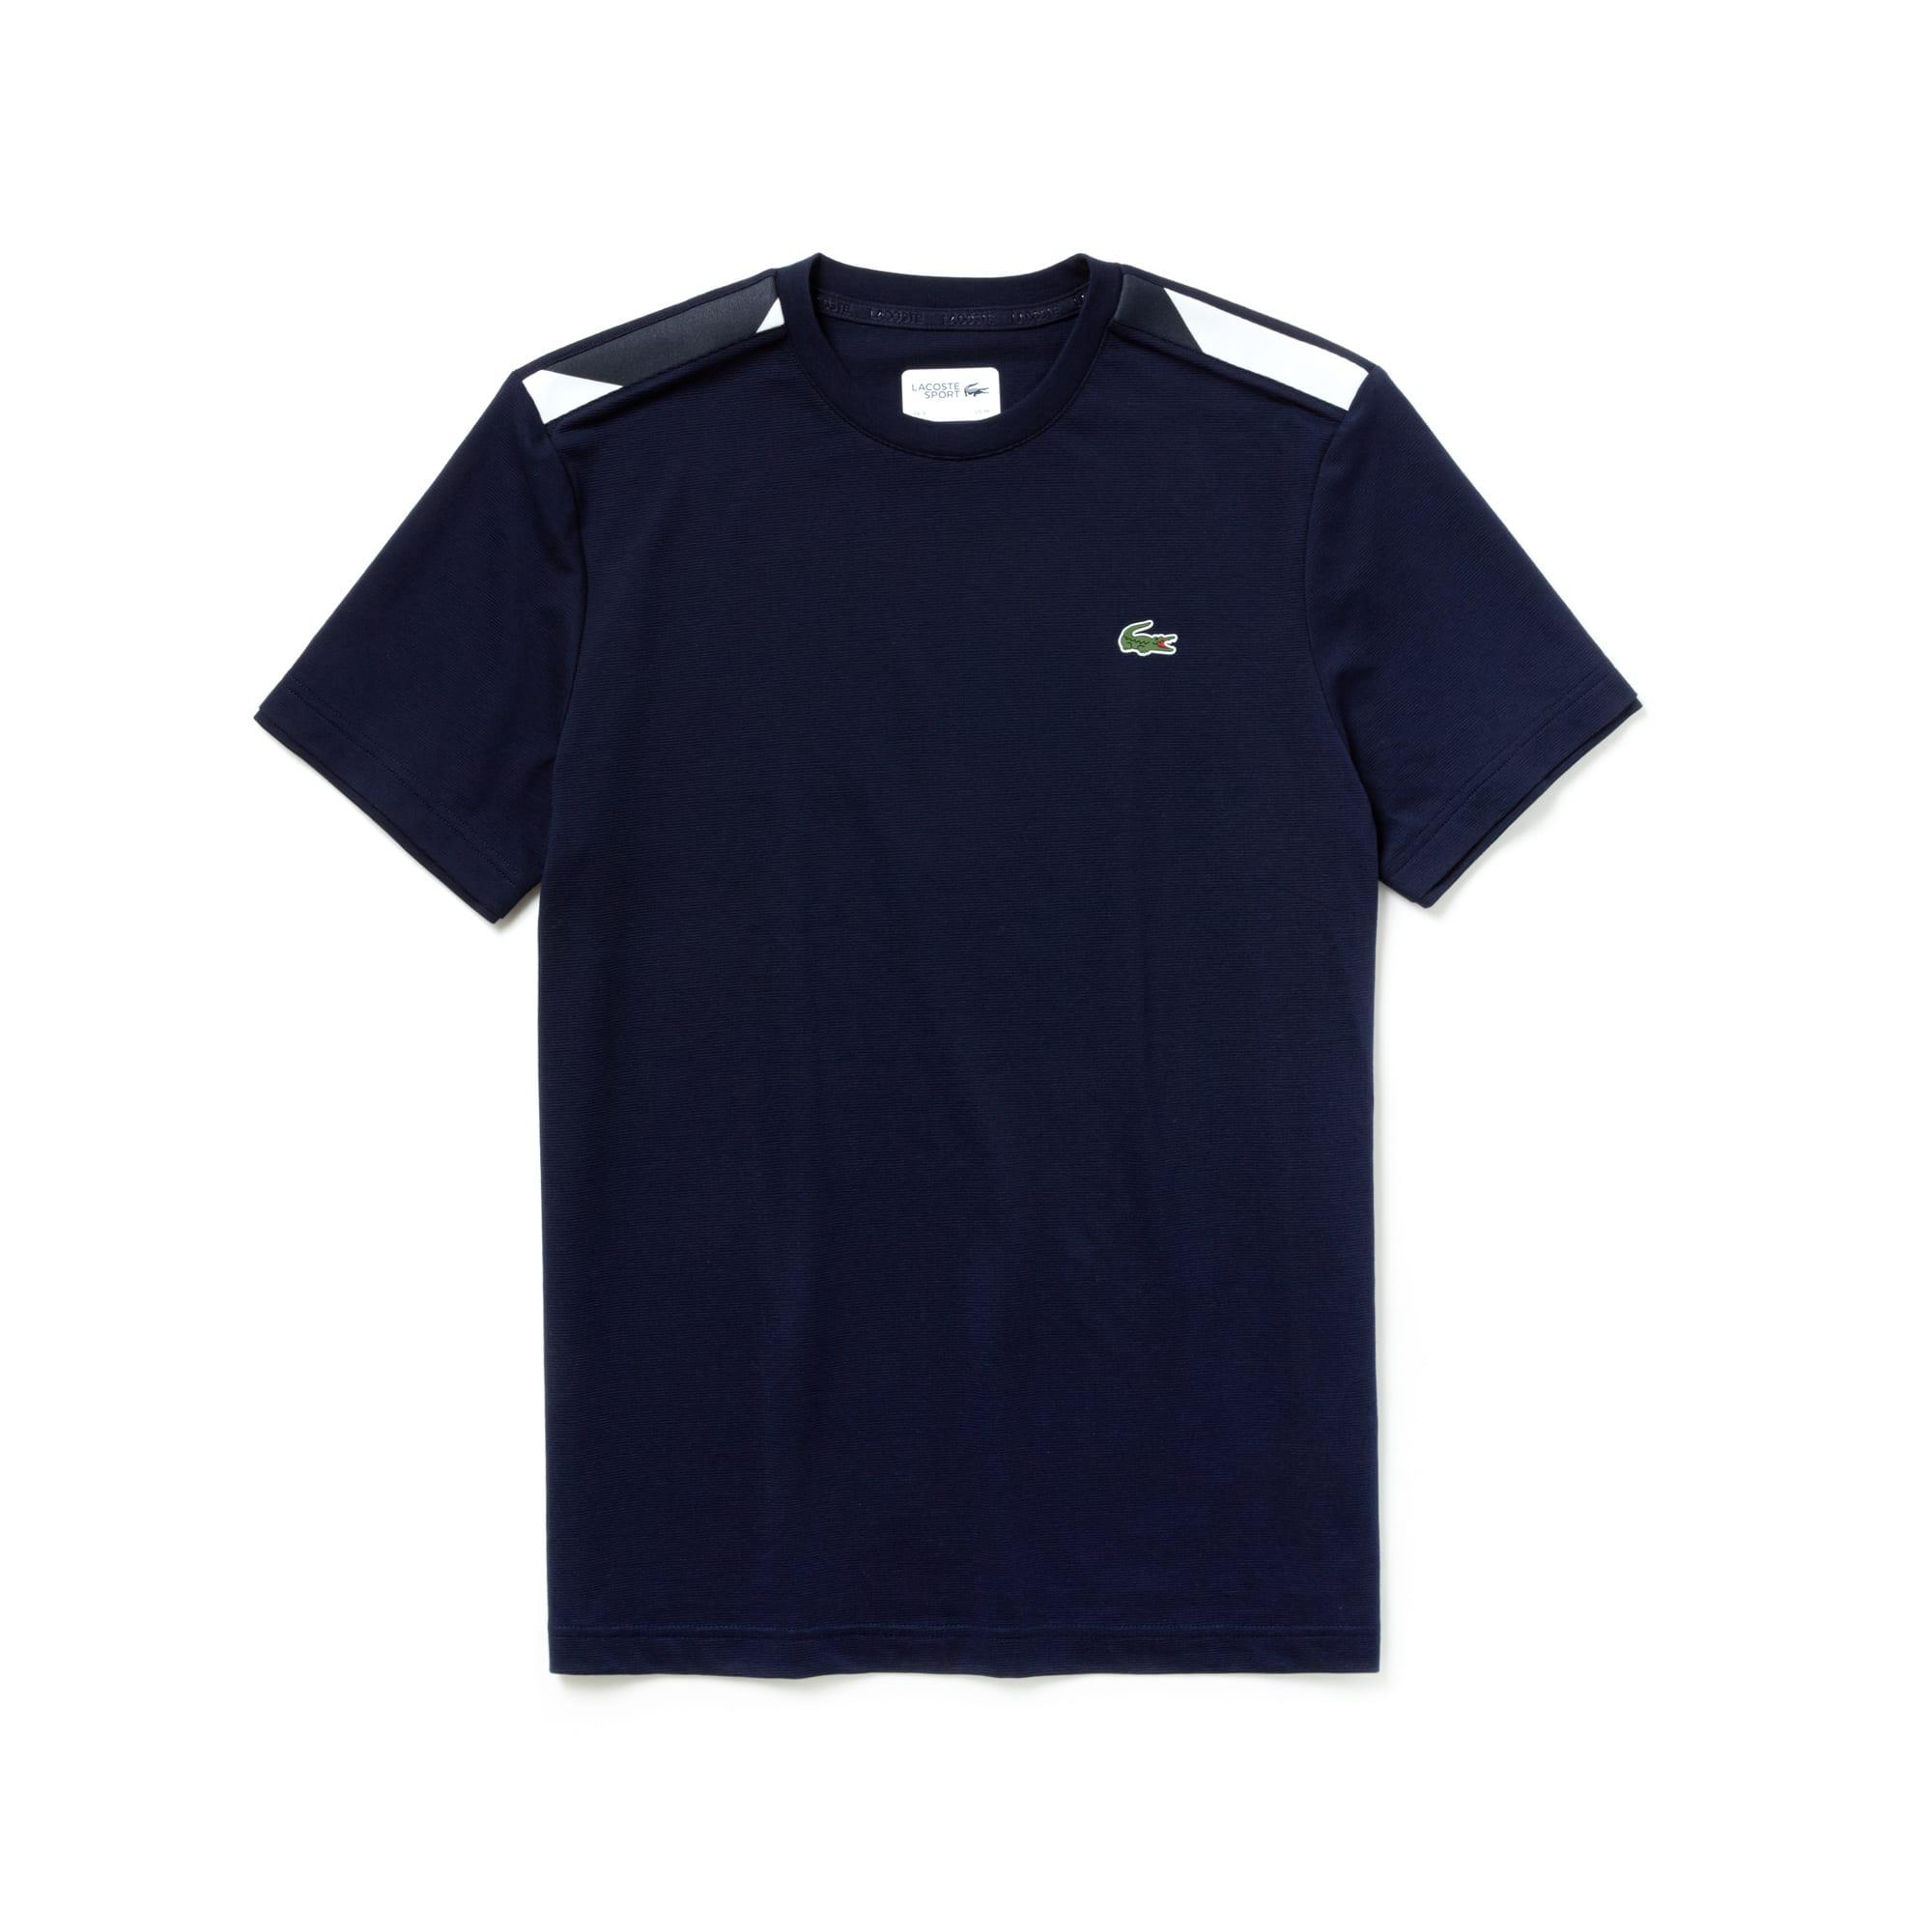 Lacoste SPORT Tennis-T-shirt heren katoen met contrasterende accenten